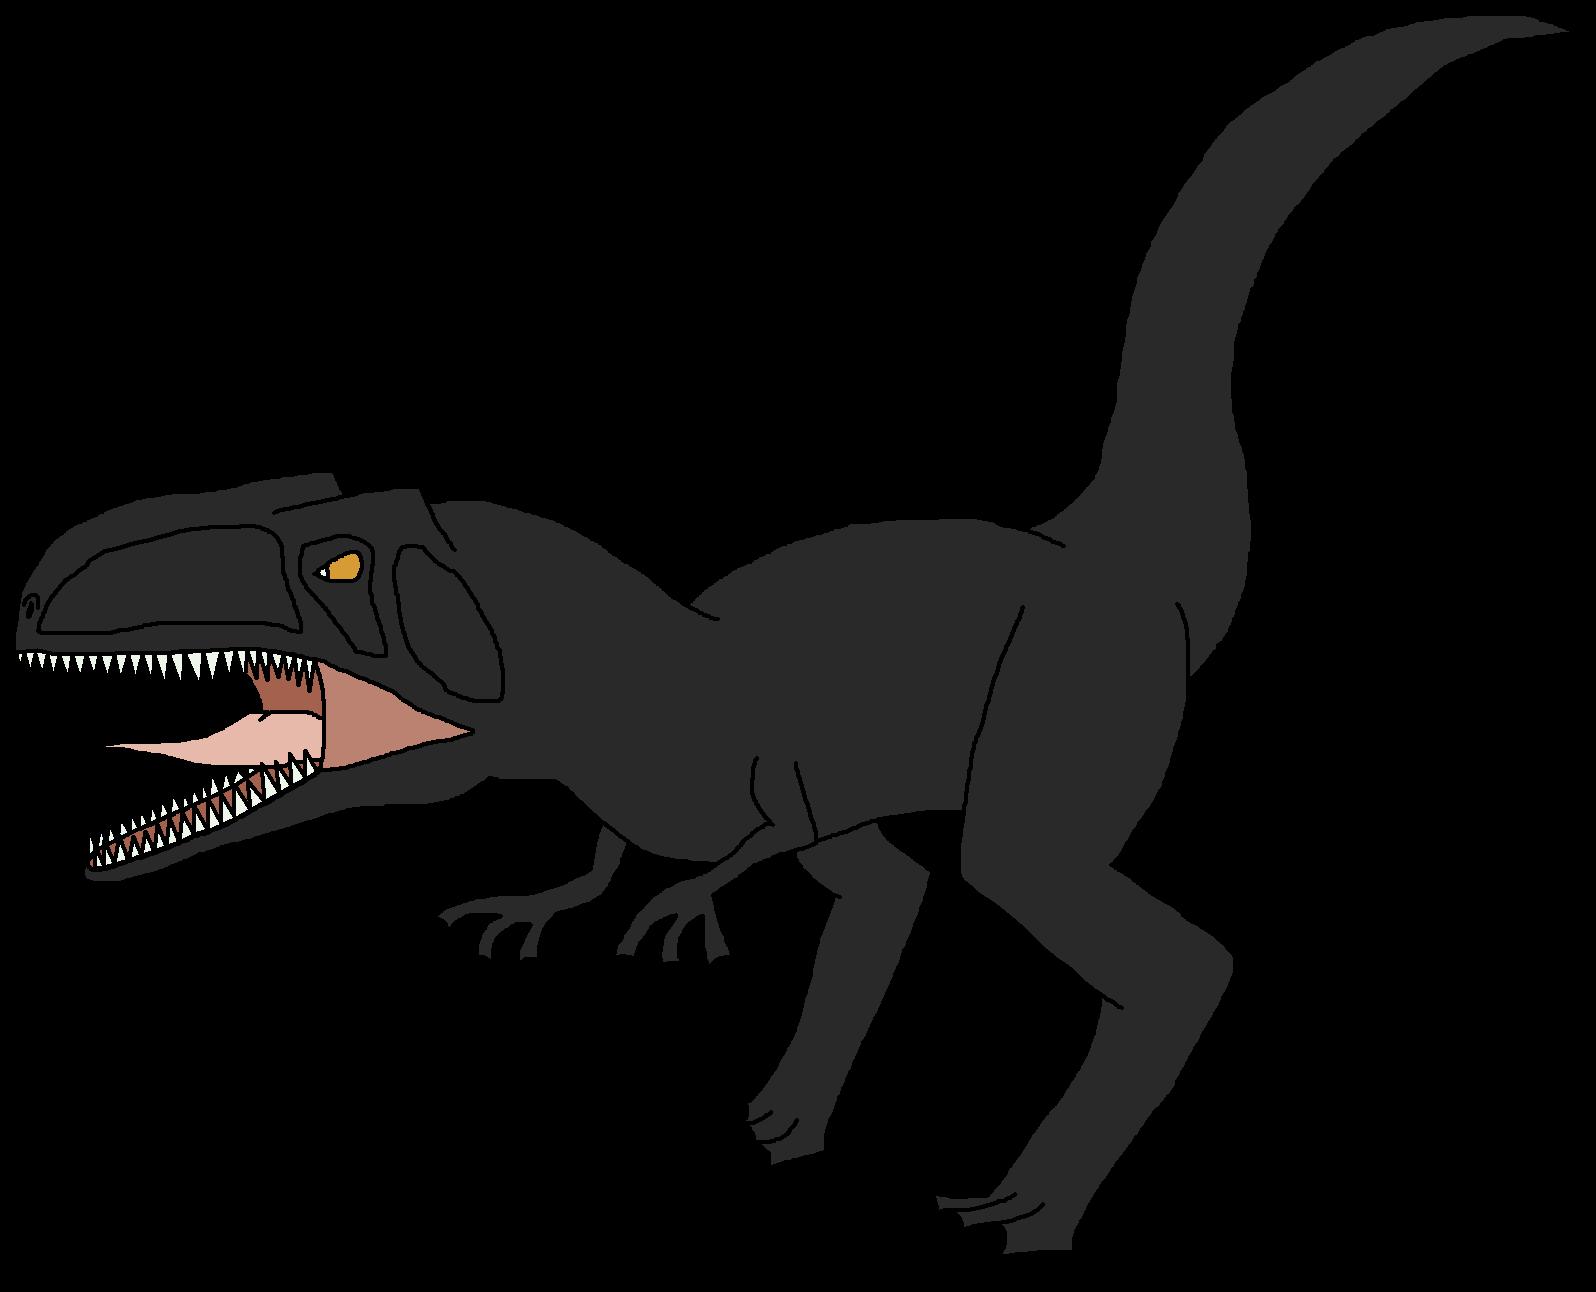 Indoraptor | Dinosaur Pedia Wikia | FANDOM powered by Wikia